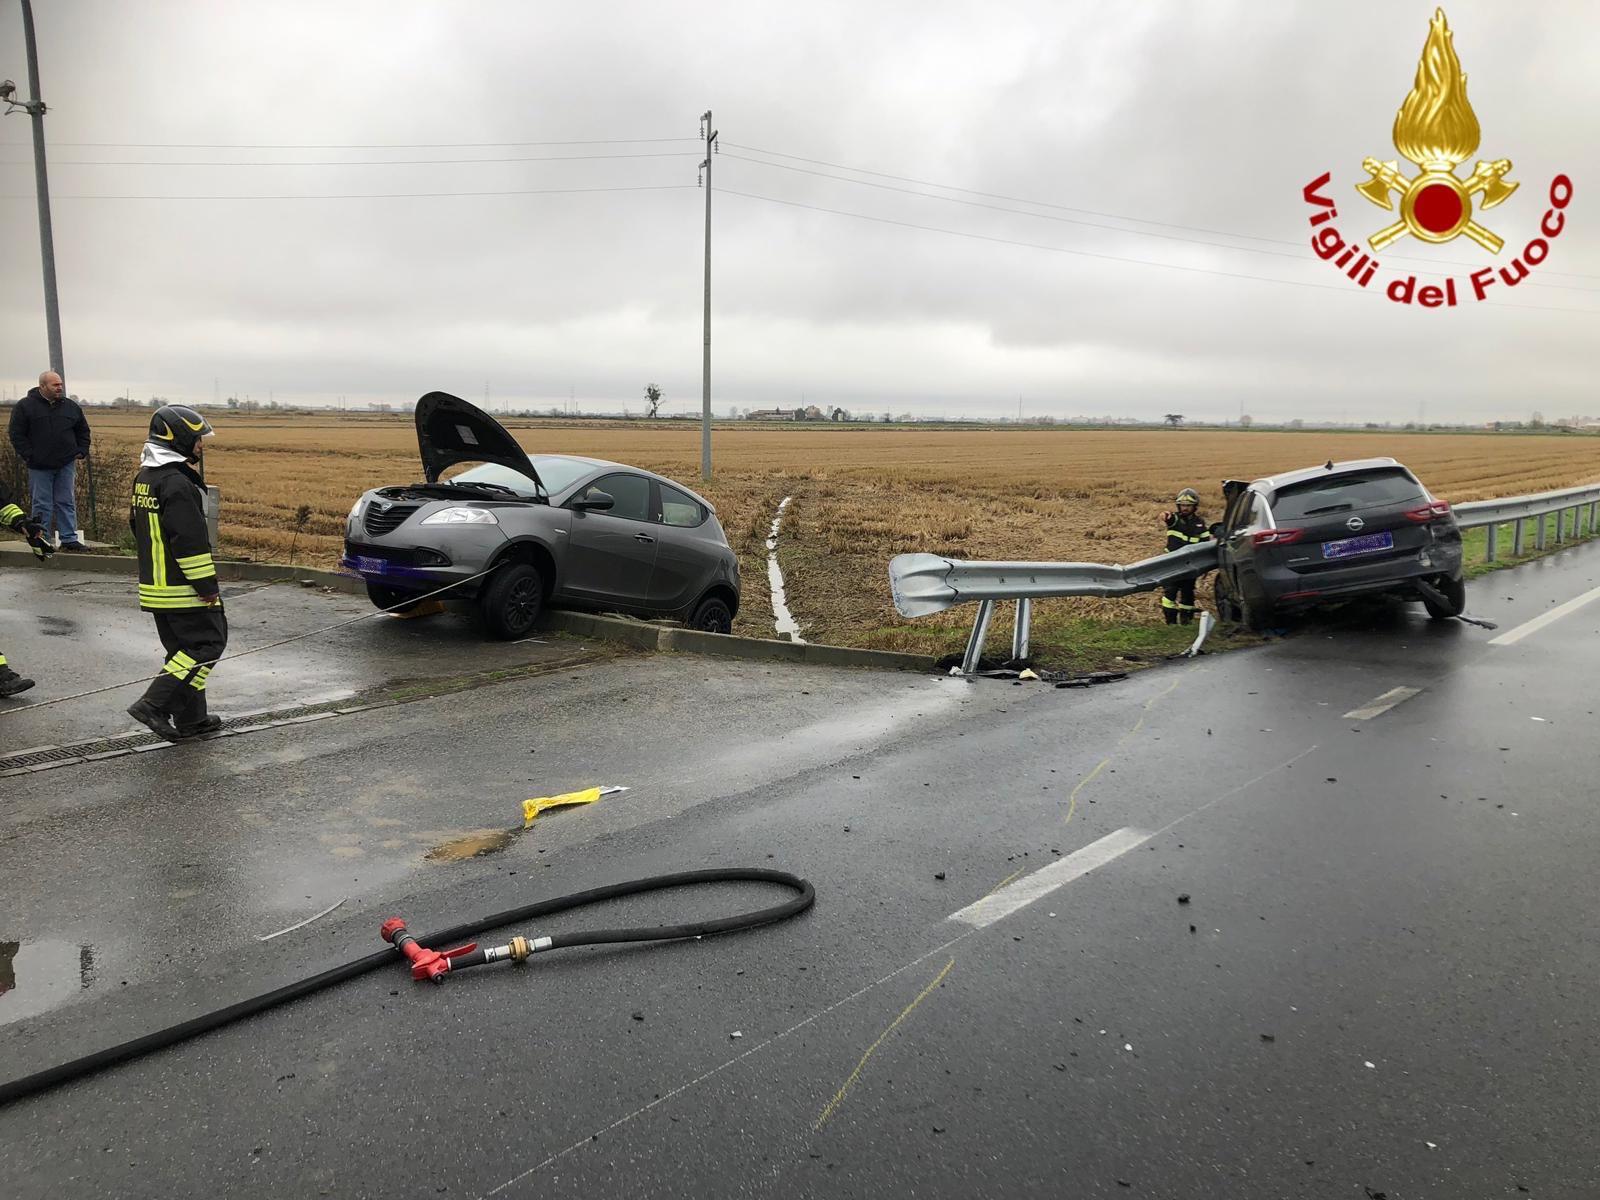 Coniugi feriti in incidente sulla strada per Trino - NotiziaOggi Vercelli